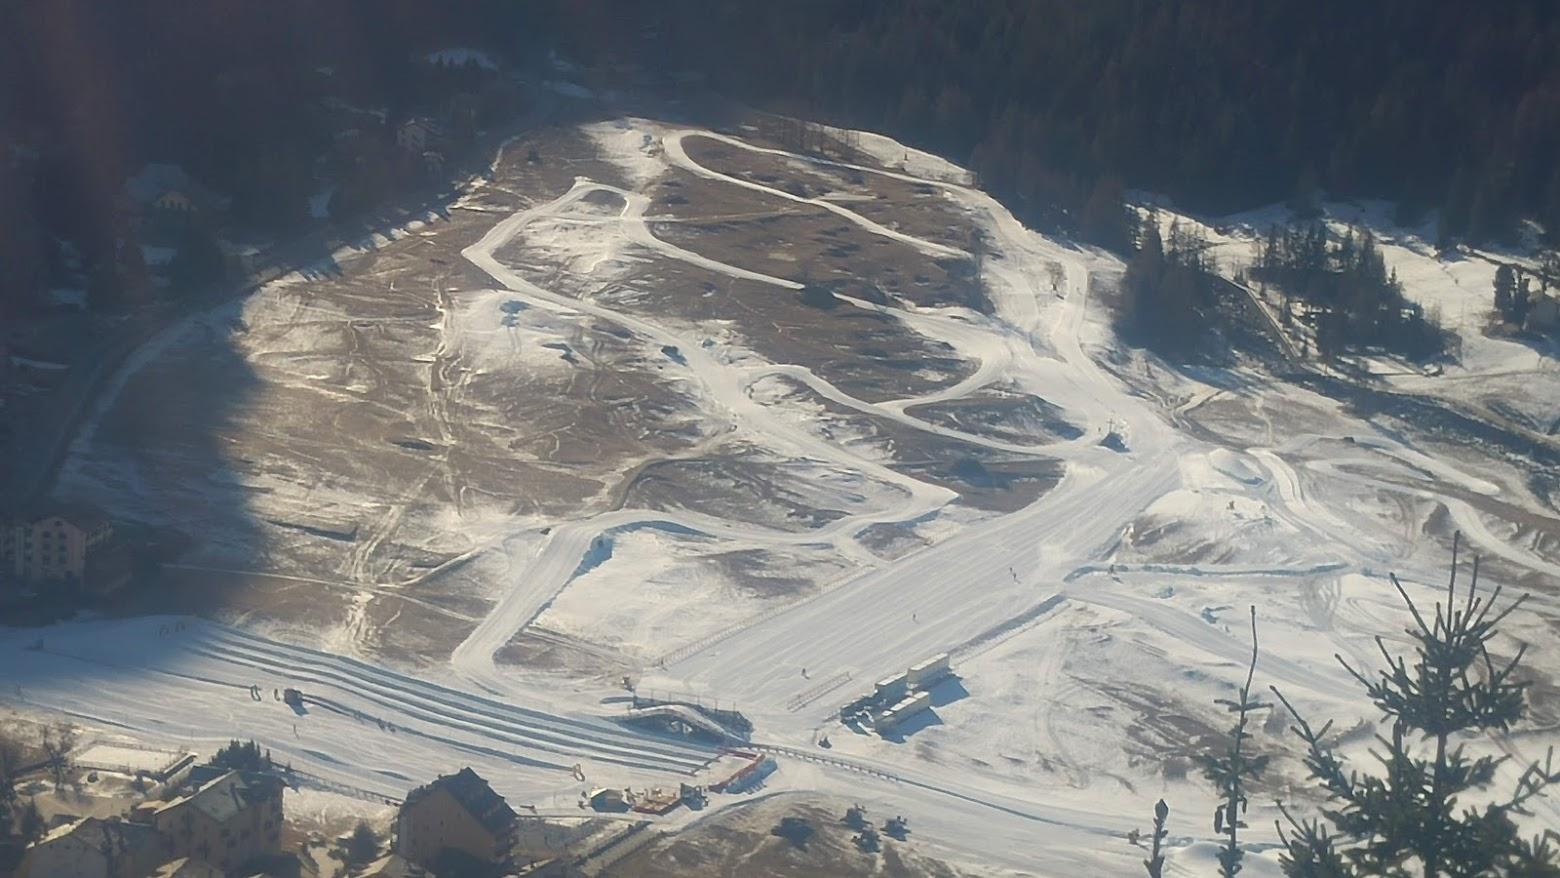 COGNE Pistes de ski de fond à quelques jours des championnats du monde 210119